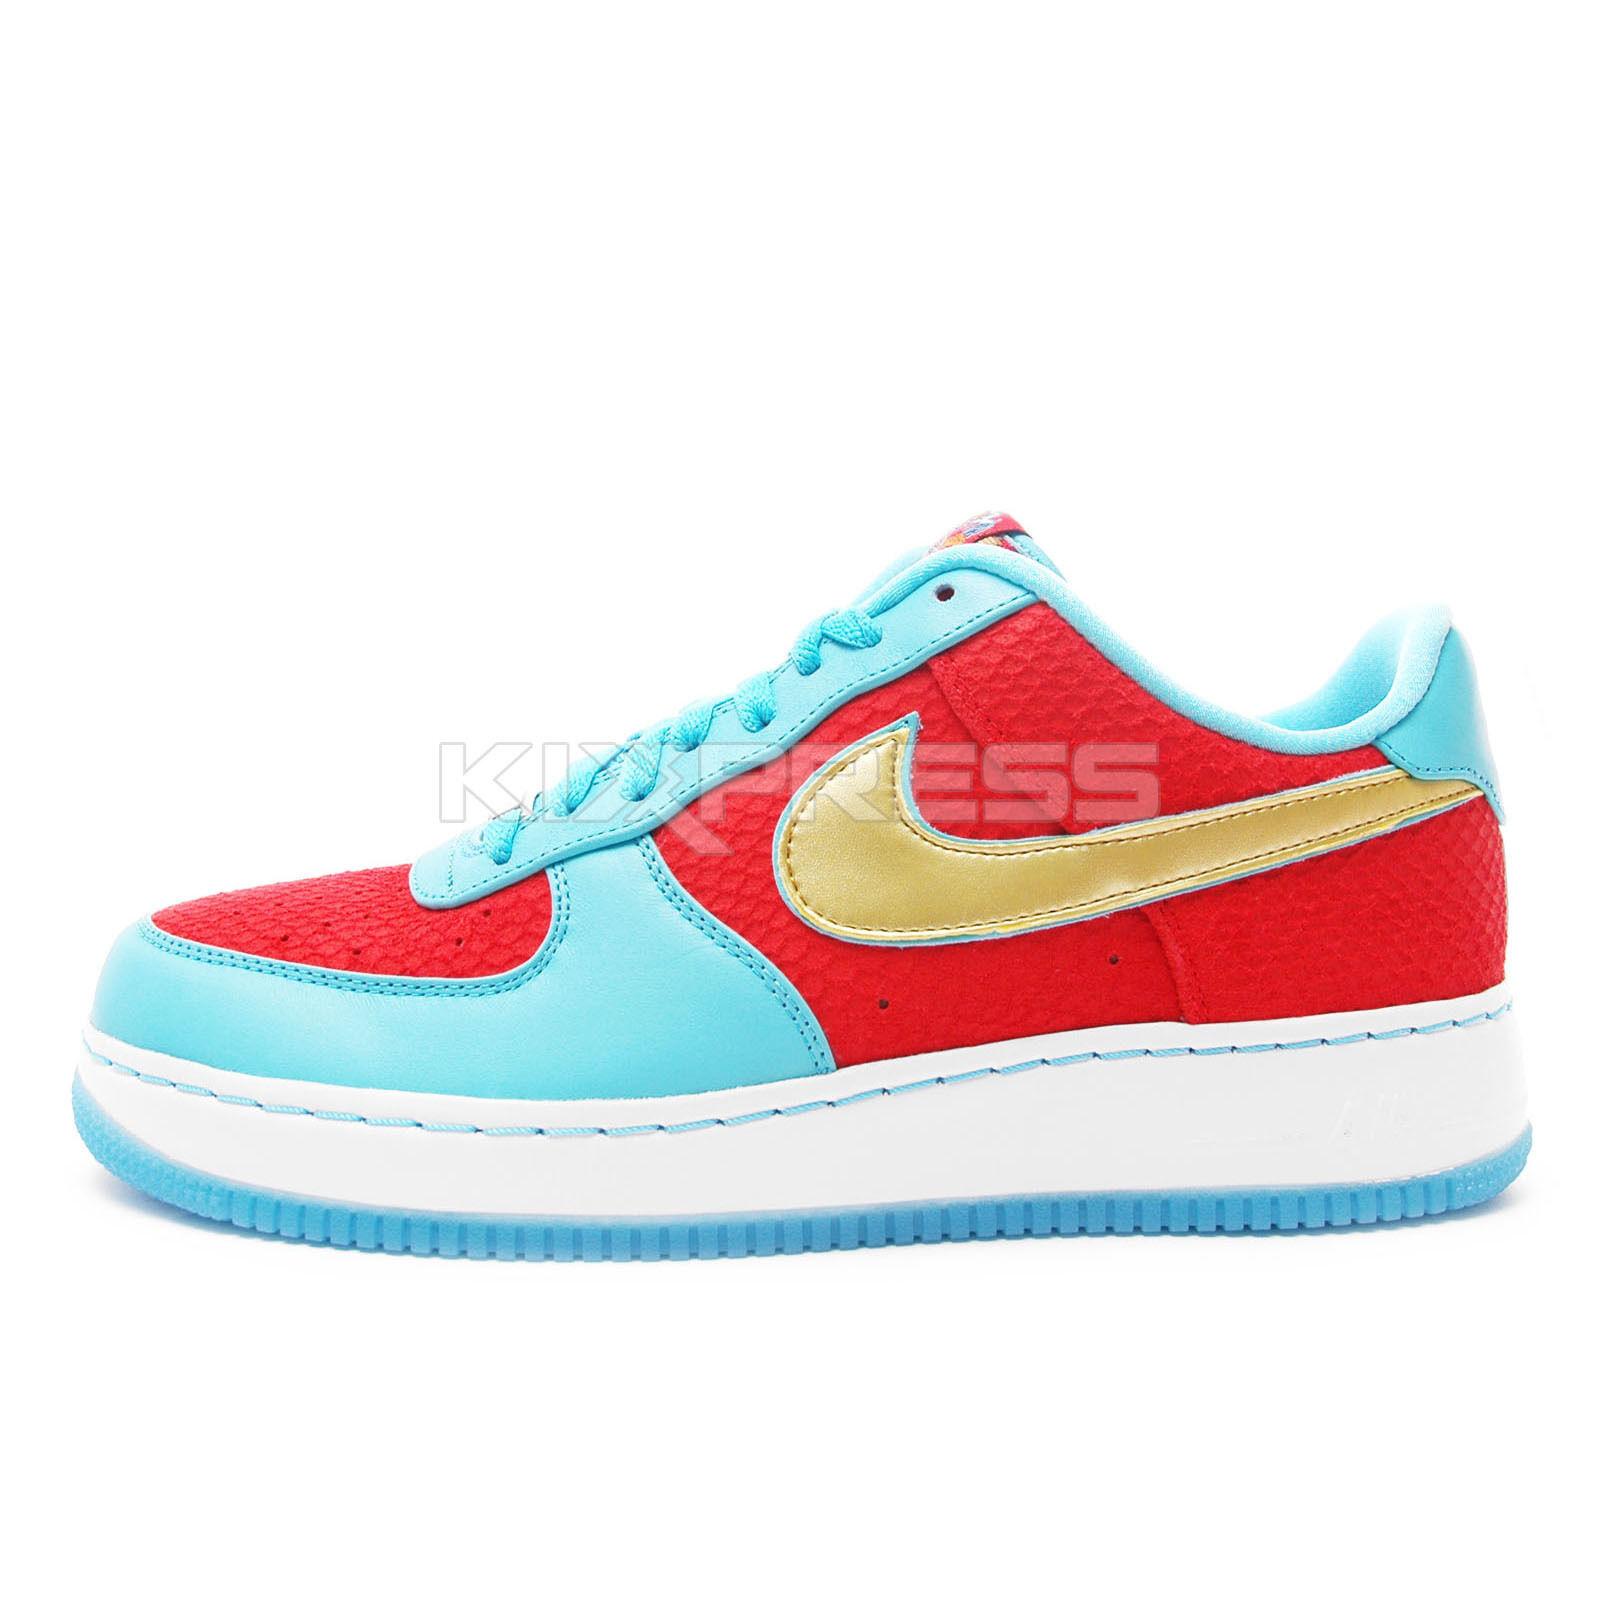 Nike Air Force 1 LW SU I/0 YOTD NRG [539771-670] NSW XXX 30th Year of the Dragon